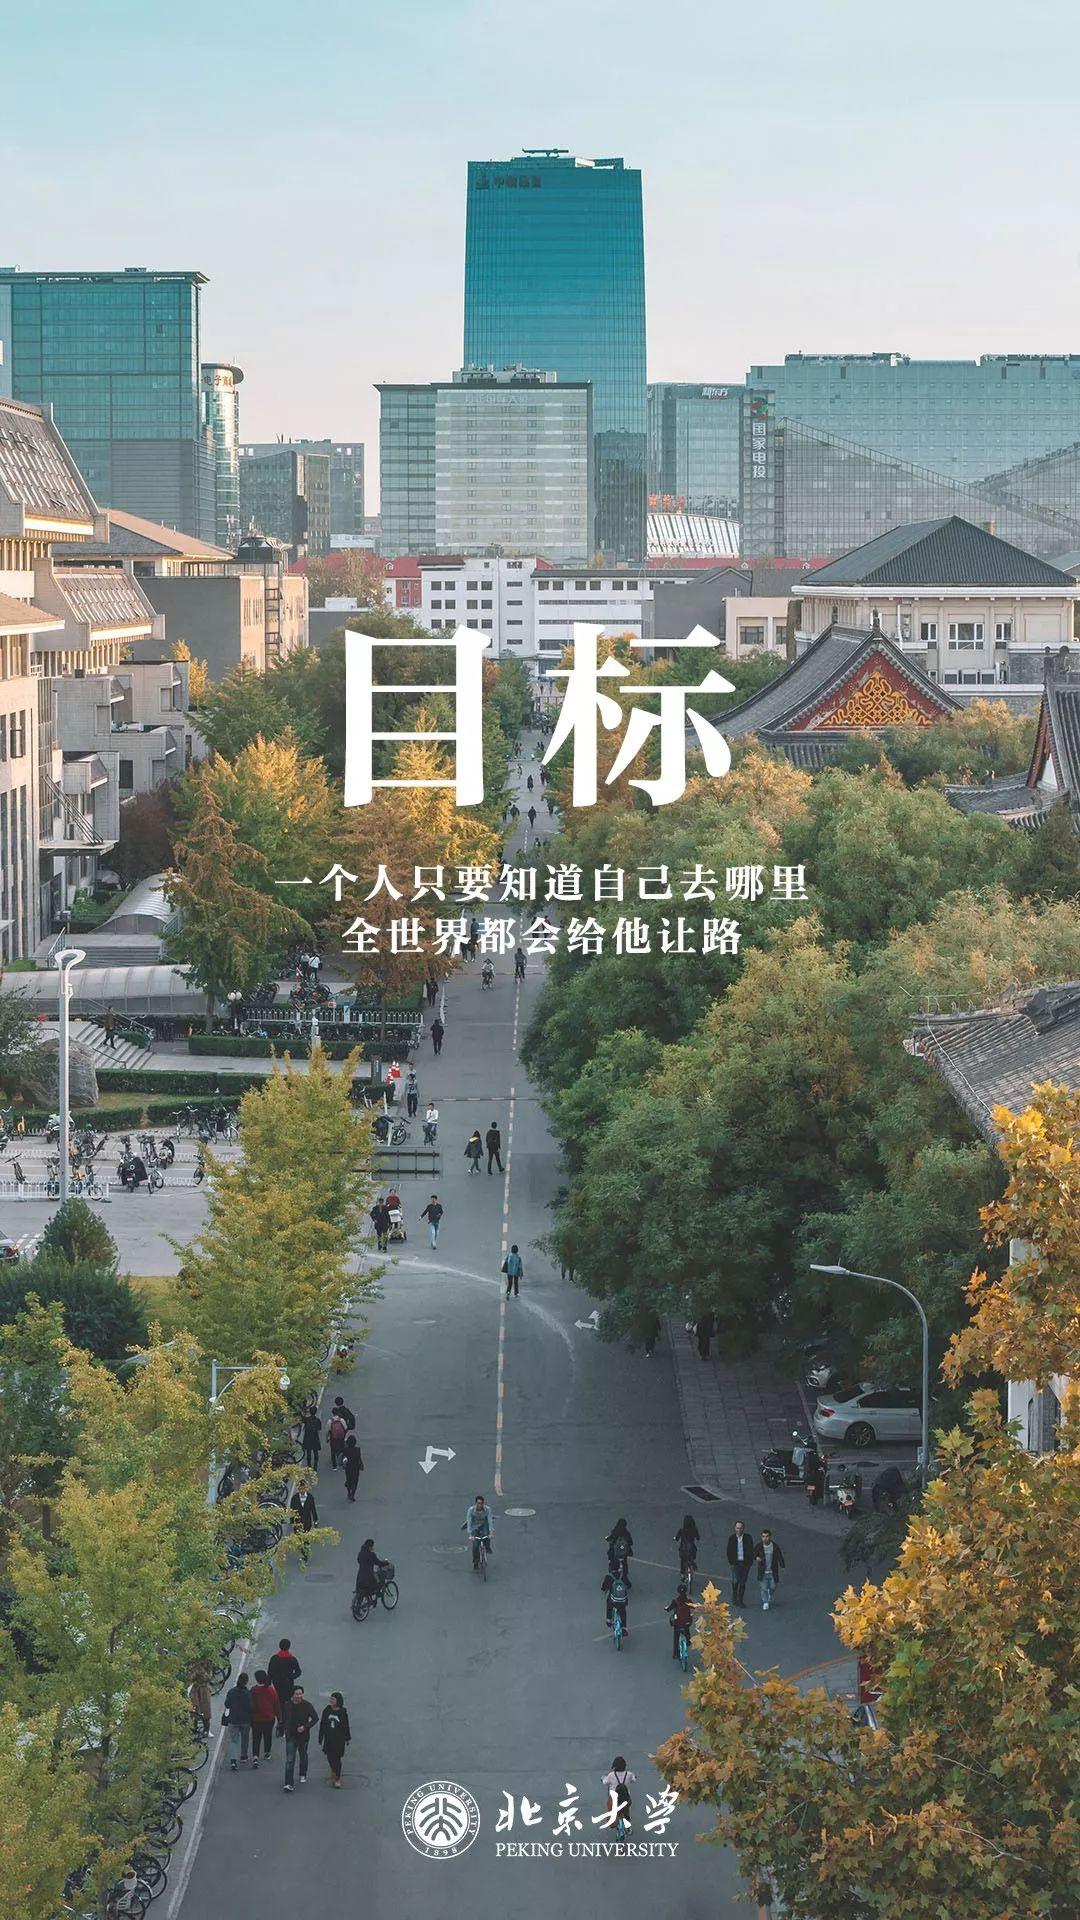 关注 高三学生,北京大学给你写了一封信,请注意查收